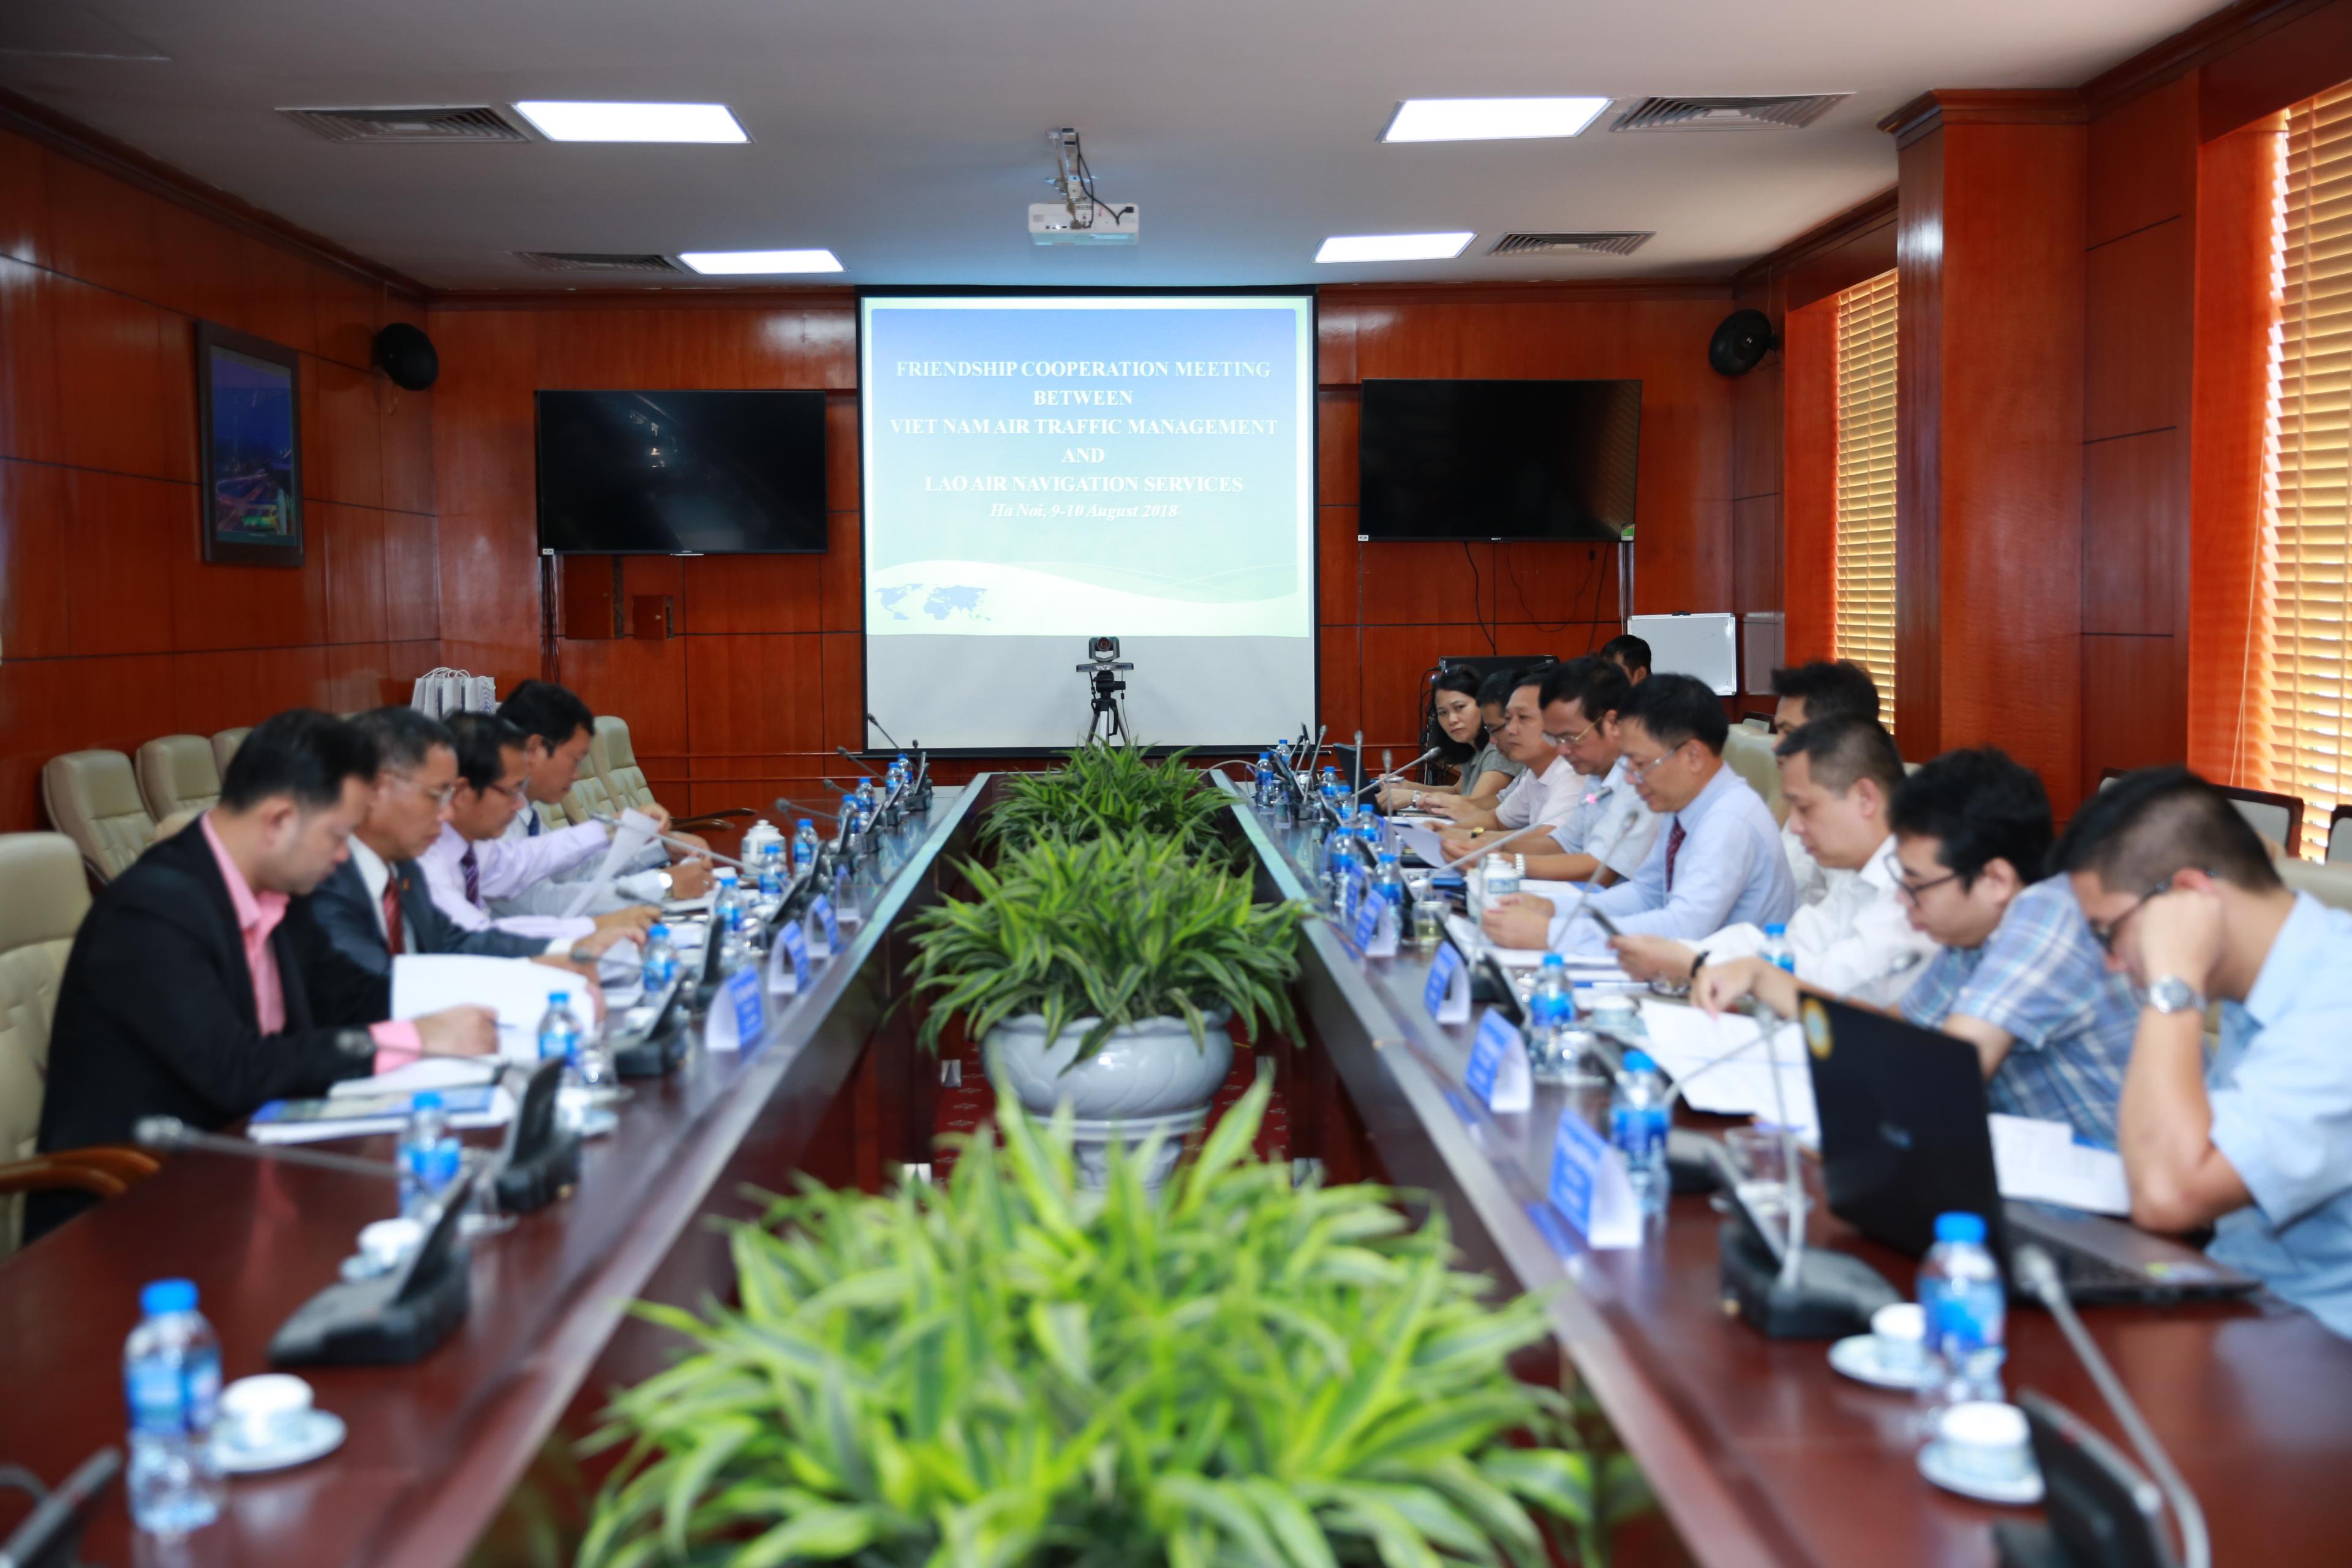 Hội nghị hợp tác hữu nghị giữa Tổng công ty Quản lý bay Việt Nam và Cơ quan Quản lý bay Lào